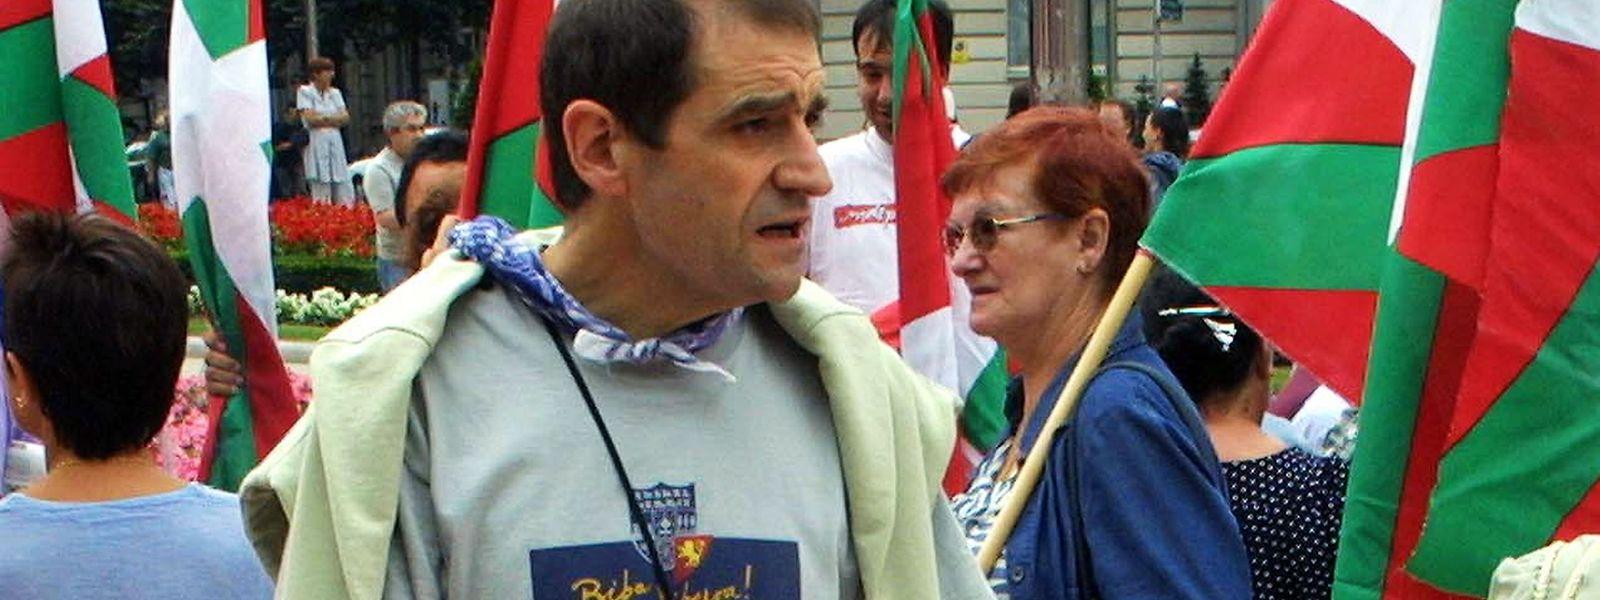 Der heute 68-jährige Josu Ternera ist Symbol sowohl für den blutigen Terror der ETA als auch für das späte Einsehen in dessen Nutzlosigkeit.